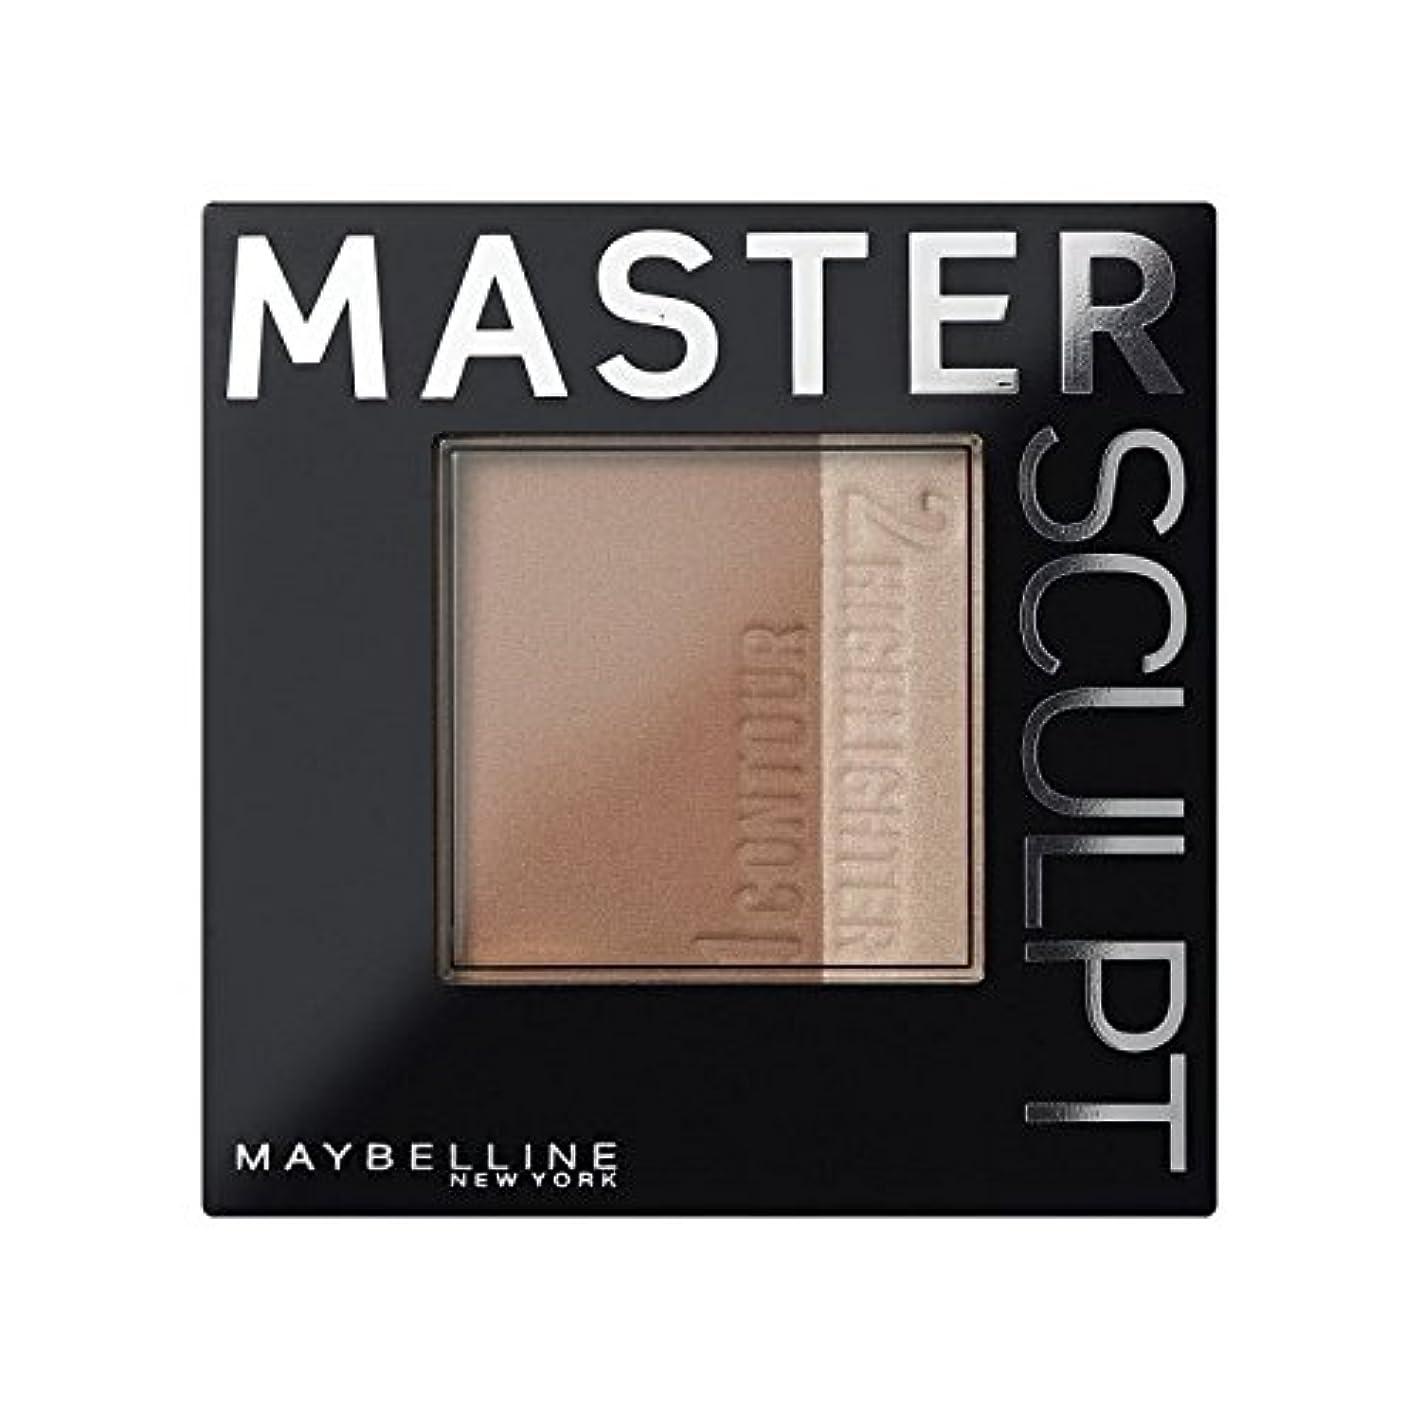 技術機関車文房具Maybelline Master Sculpt Contouring Foundation 02 Med/Dark - メイベリンマスタースカルプト基盤02の /暗い輪郭 [並行輸入品]